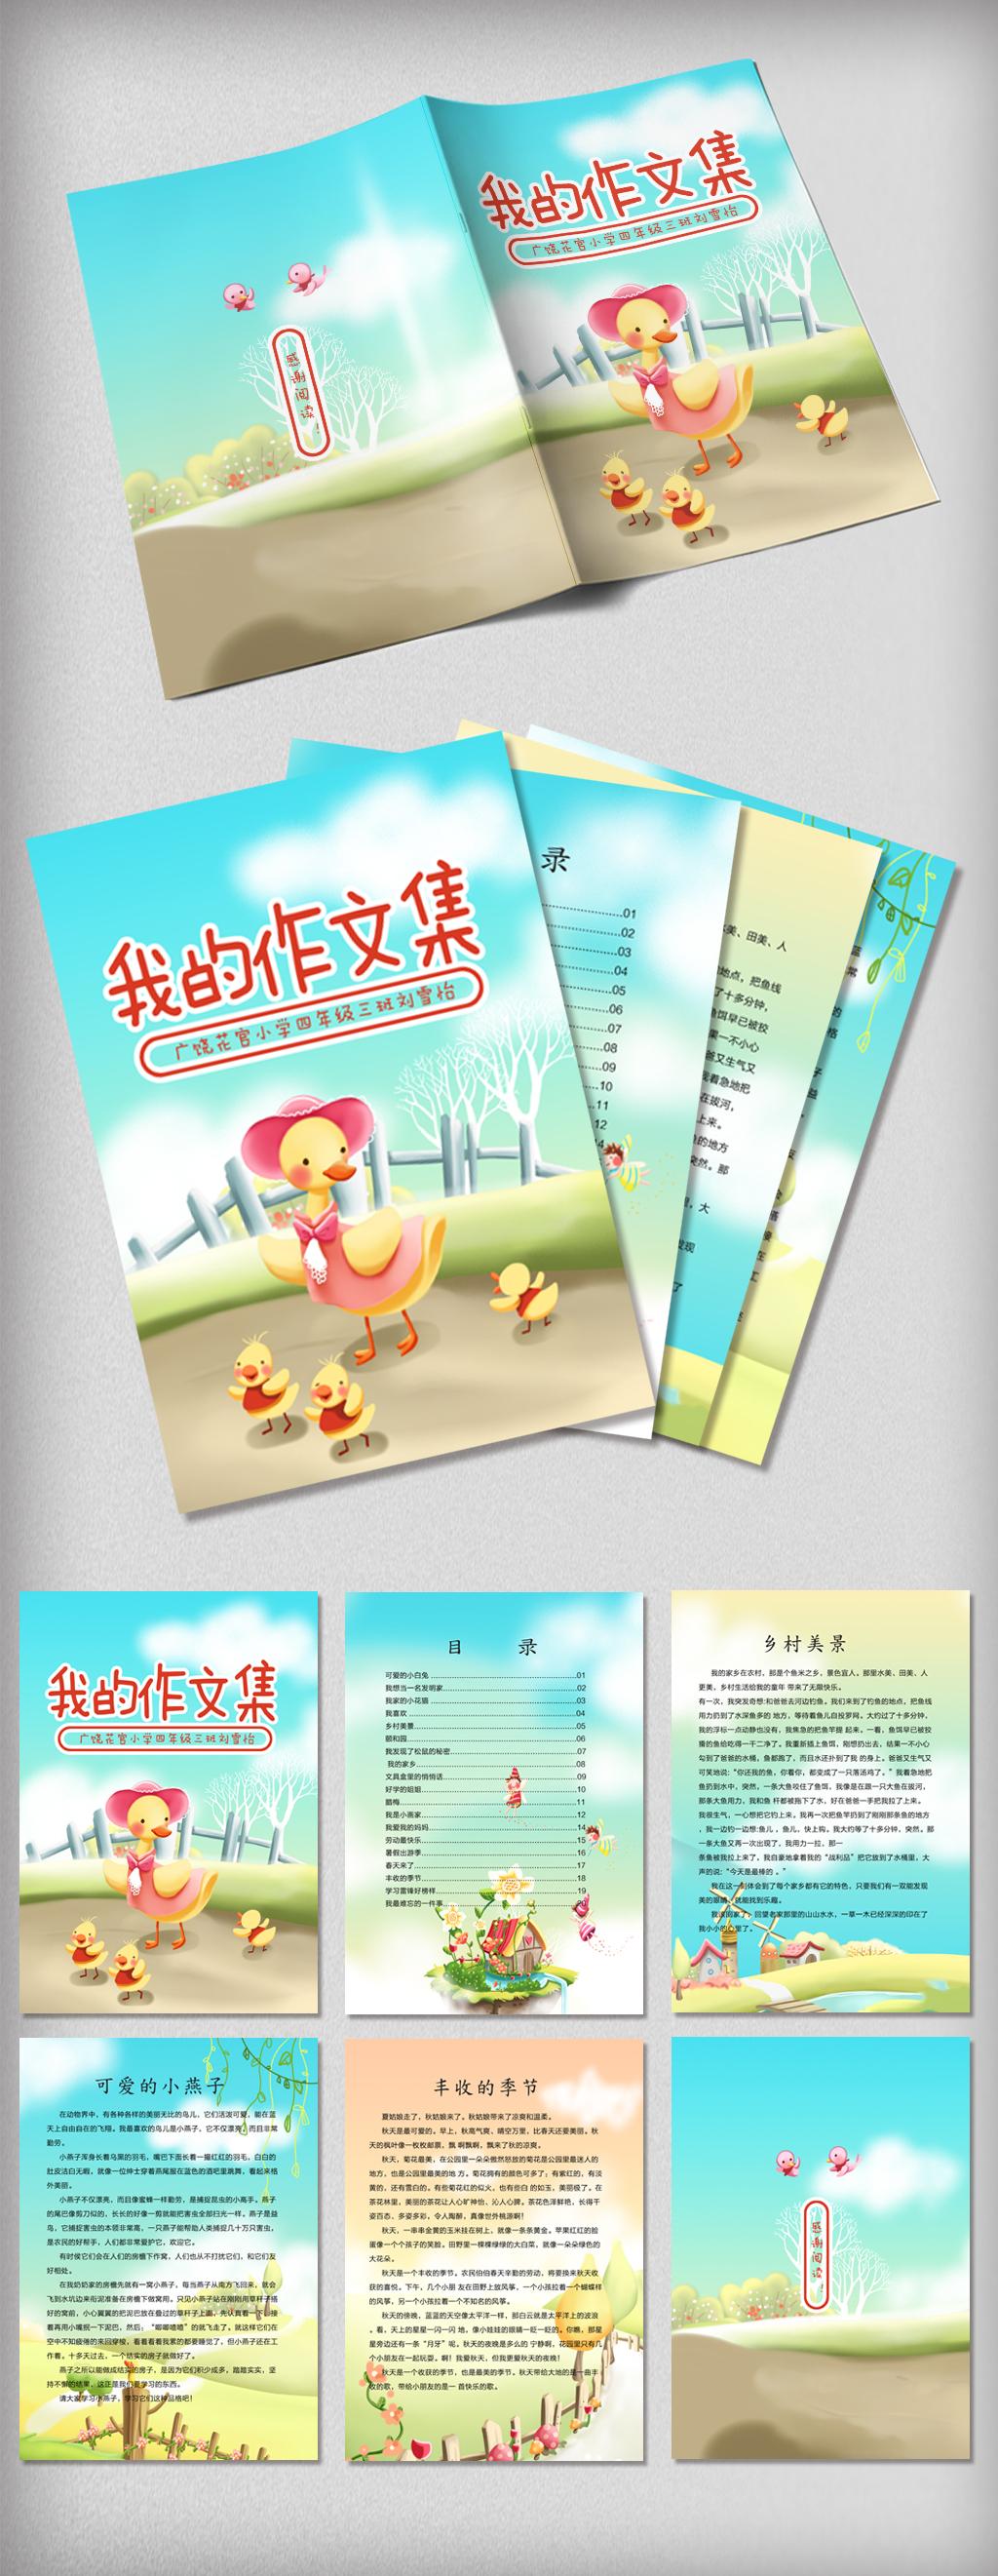 手抄报|小报 其他 其他 > 可爱的小鸭子中小学生作文集免费电子模板